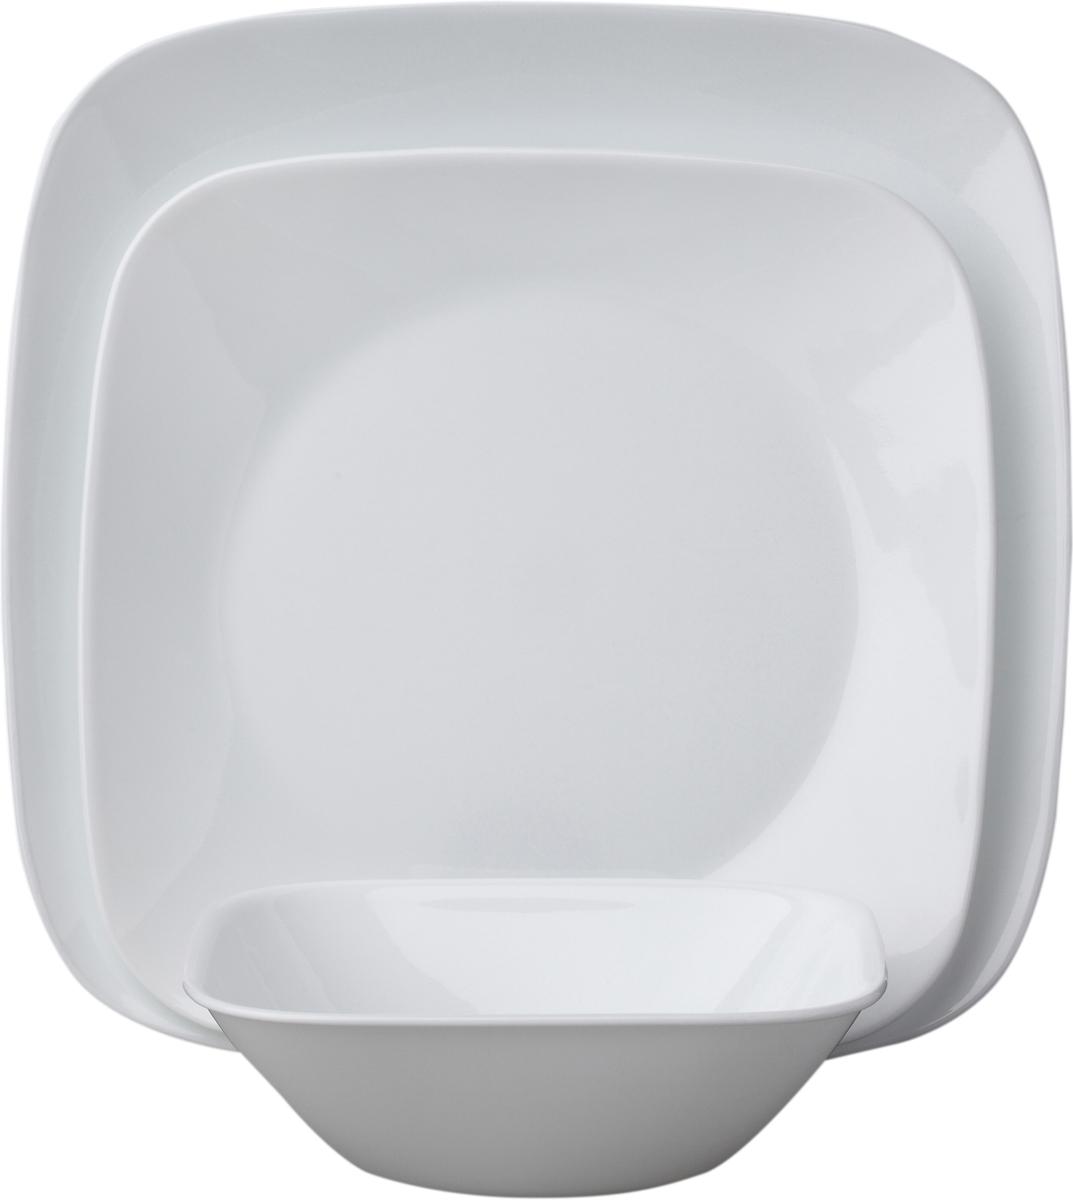 Набор посуды Corelle Pure White, цвет: белый, 18 предметов. 1088641 набор посуды corelle winter frost white цвет белый 16 предметов 6022003